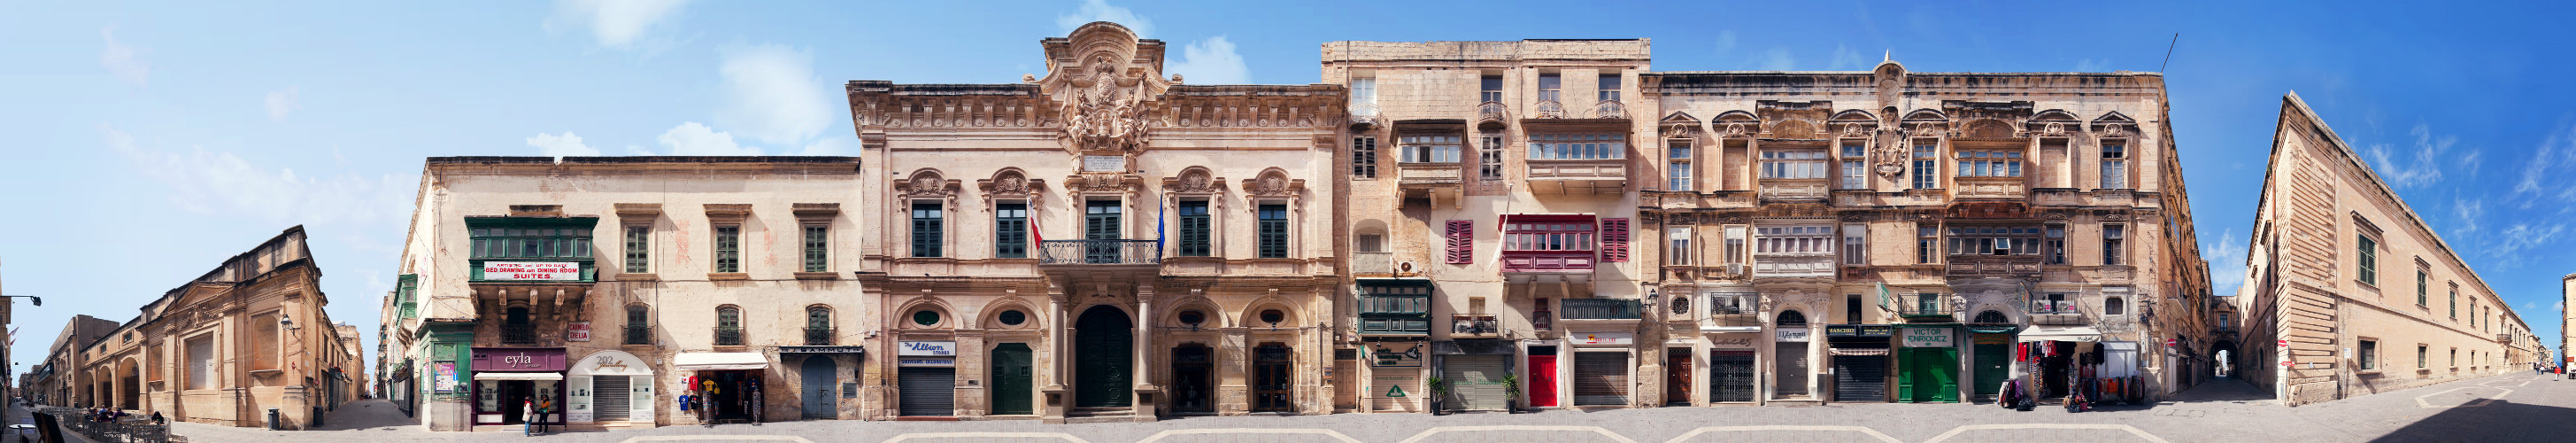 Triq il-Merkanti • Valletta • Malta